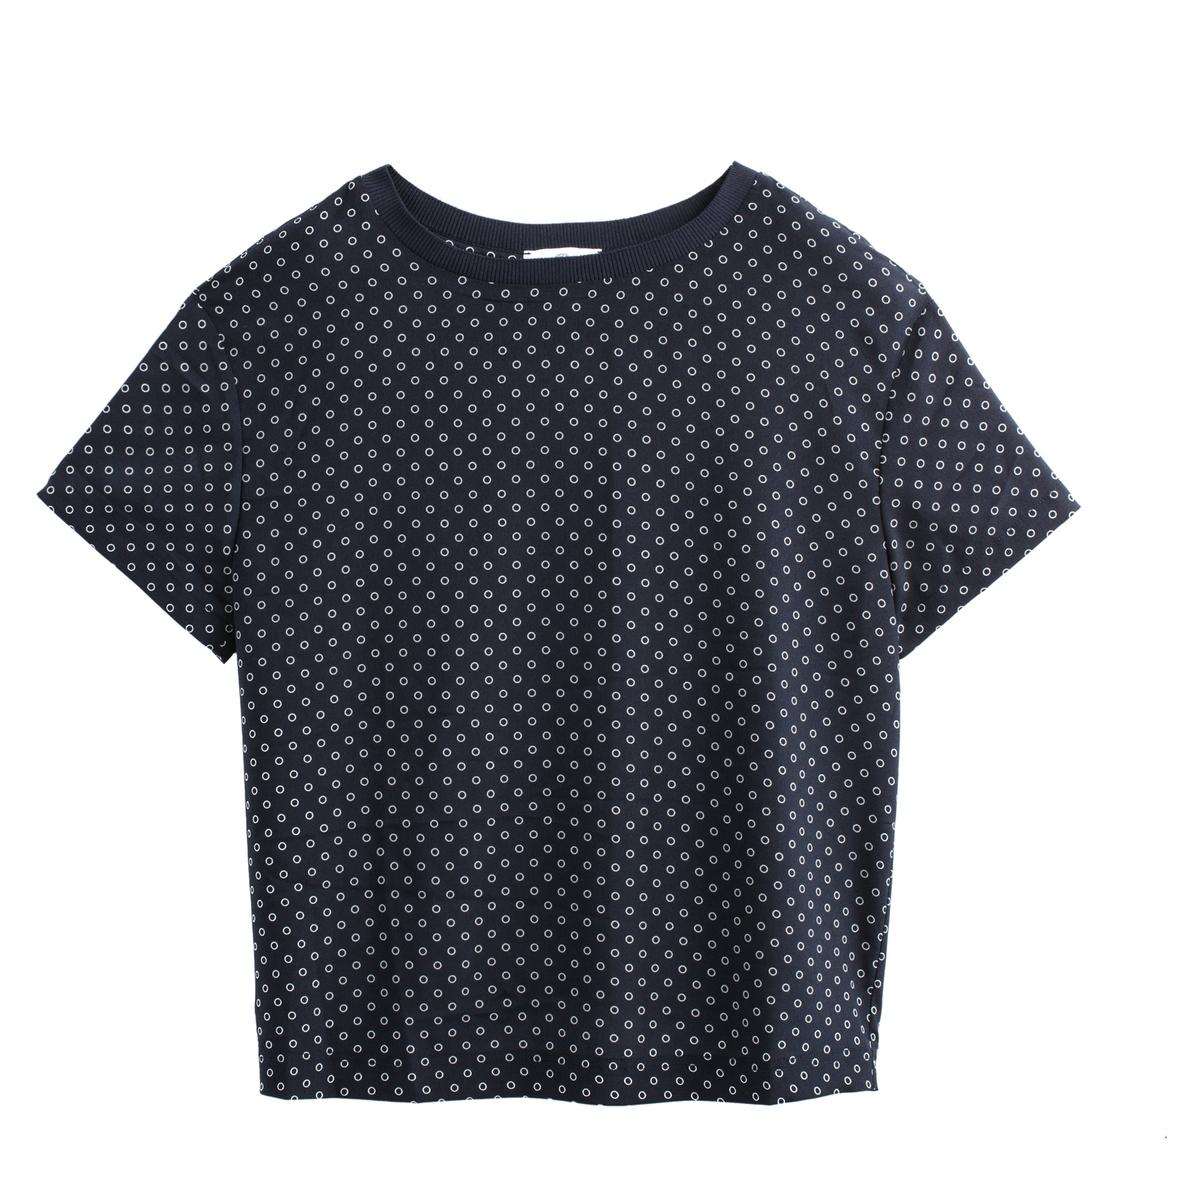 Blusa con cuello redondo estampado de lunares, de manga corta